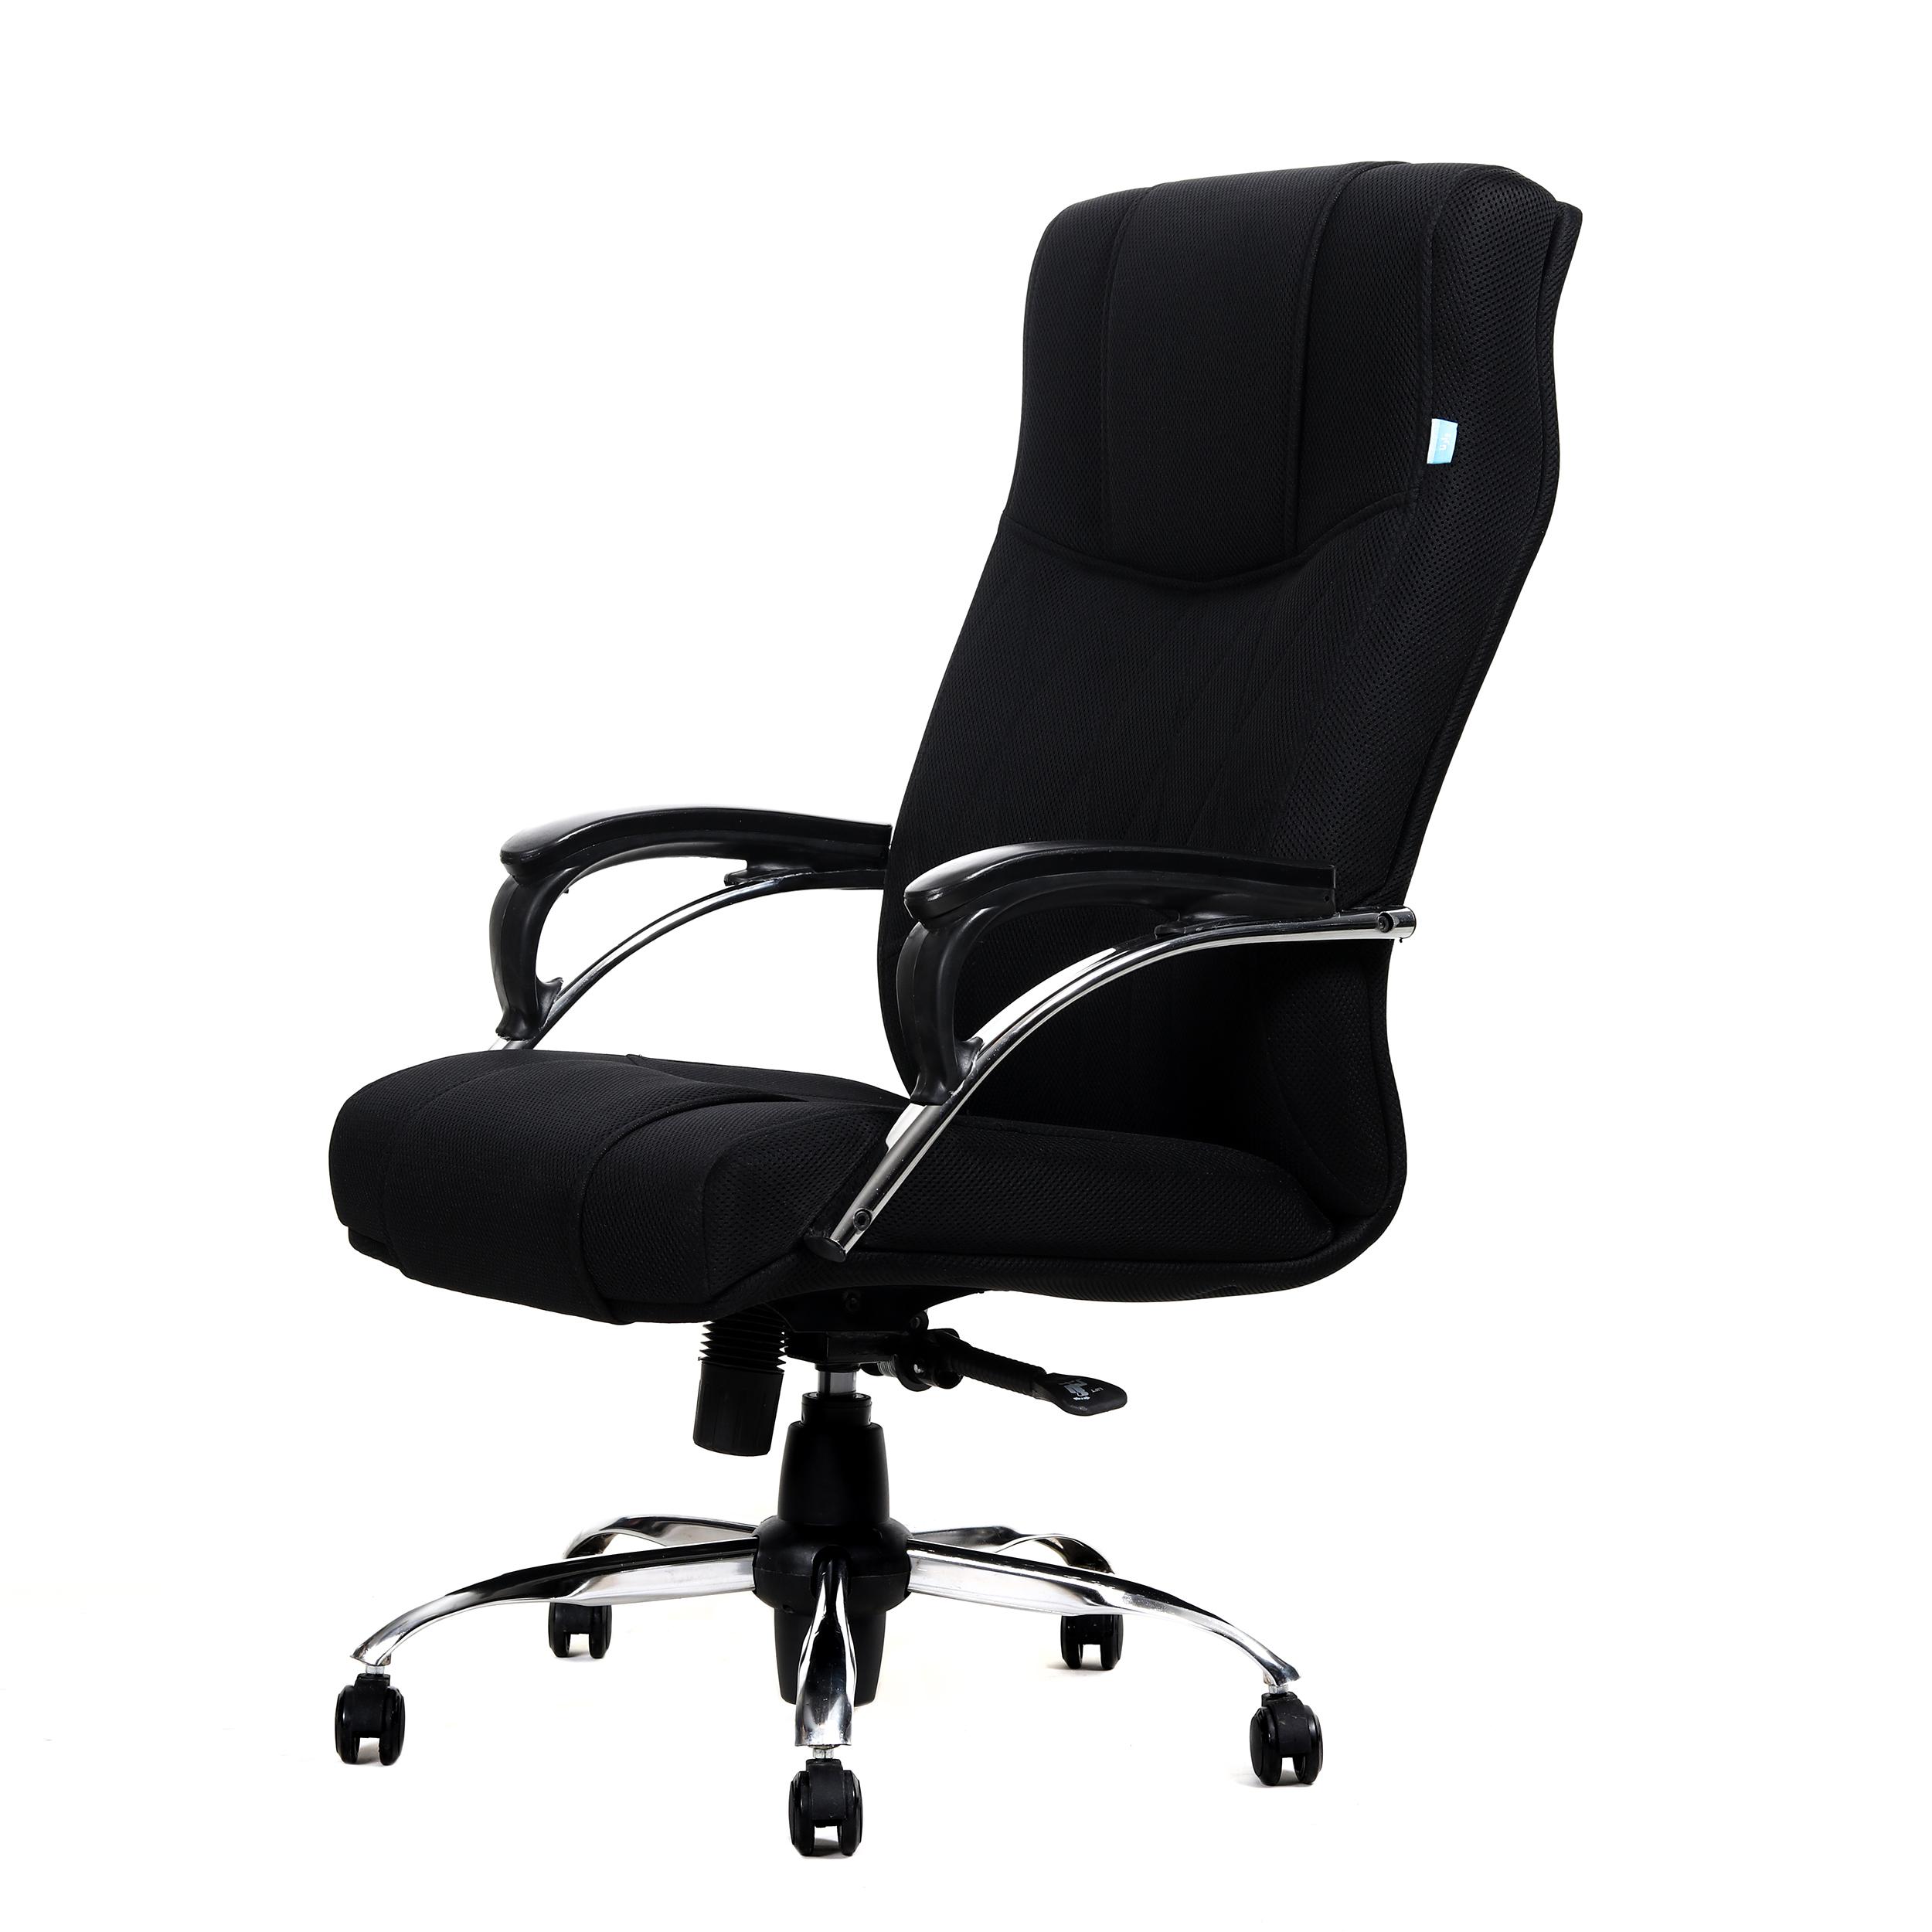 صندلی اداری وارنا مدل M7000-P